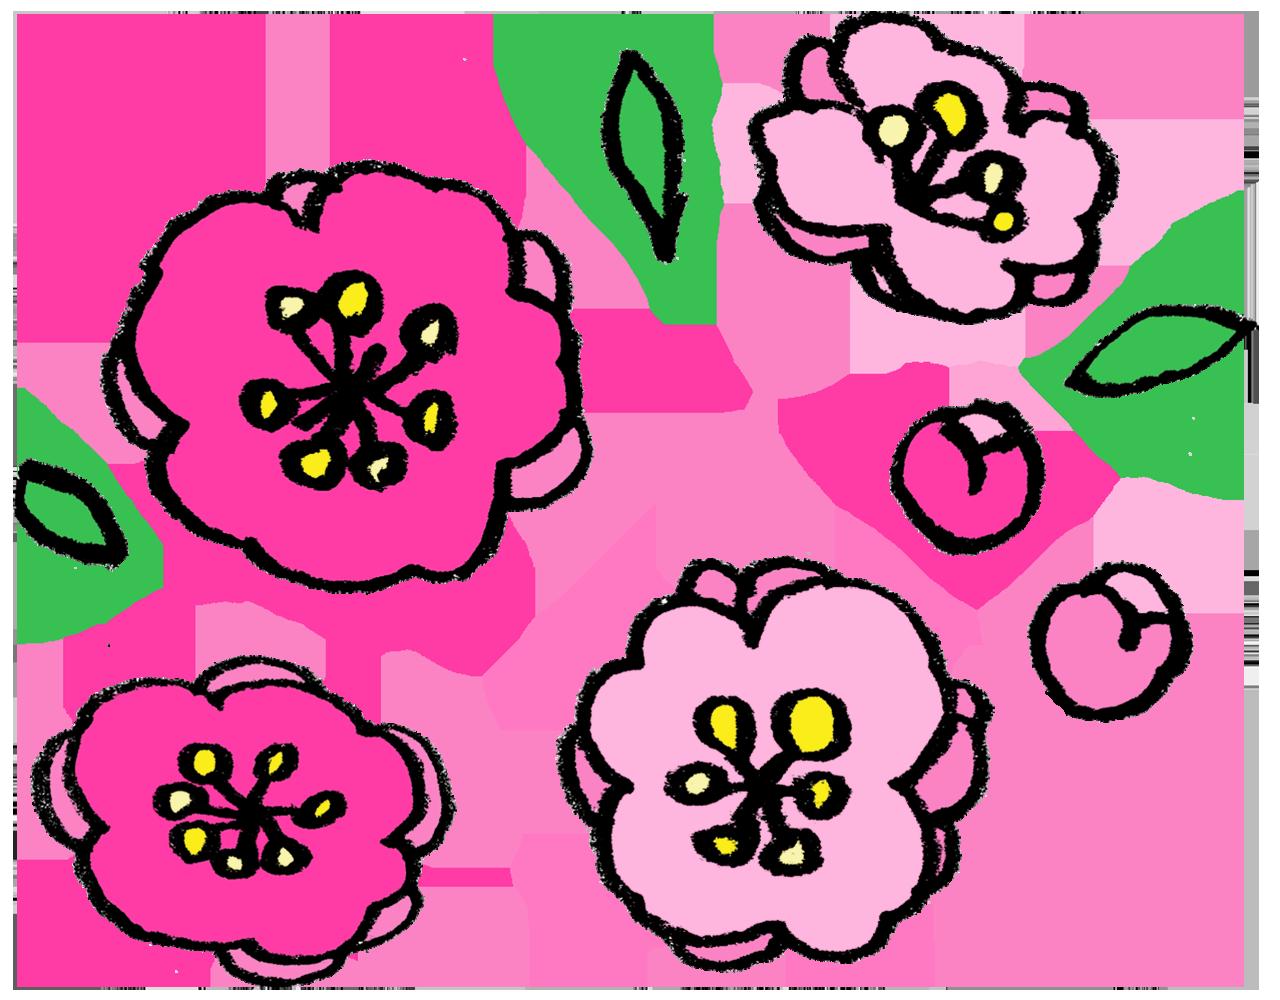 桃の花の手書きイラスト えんぴつと画用紙